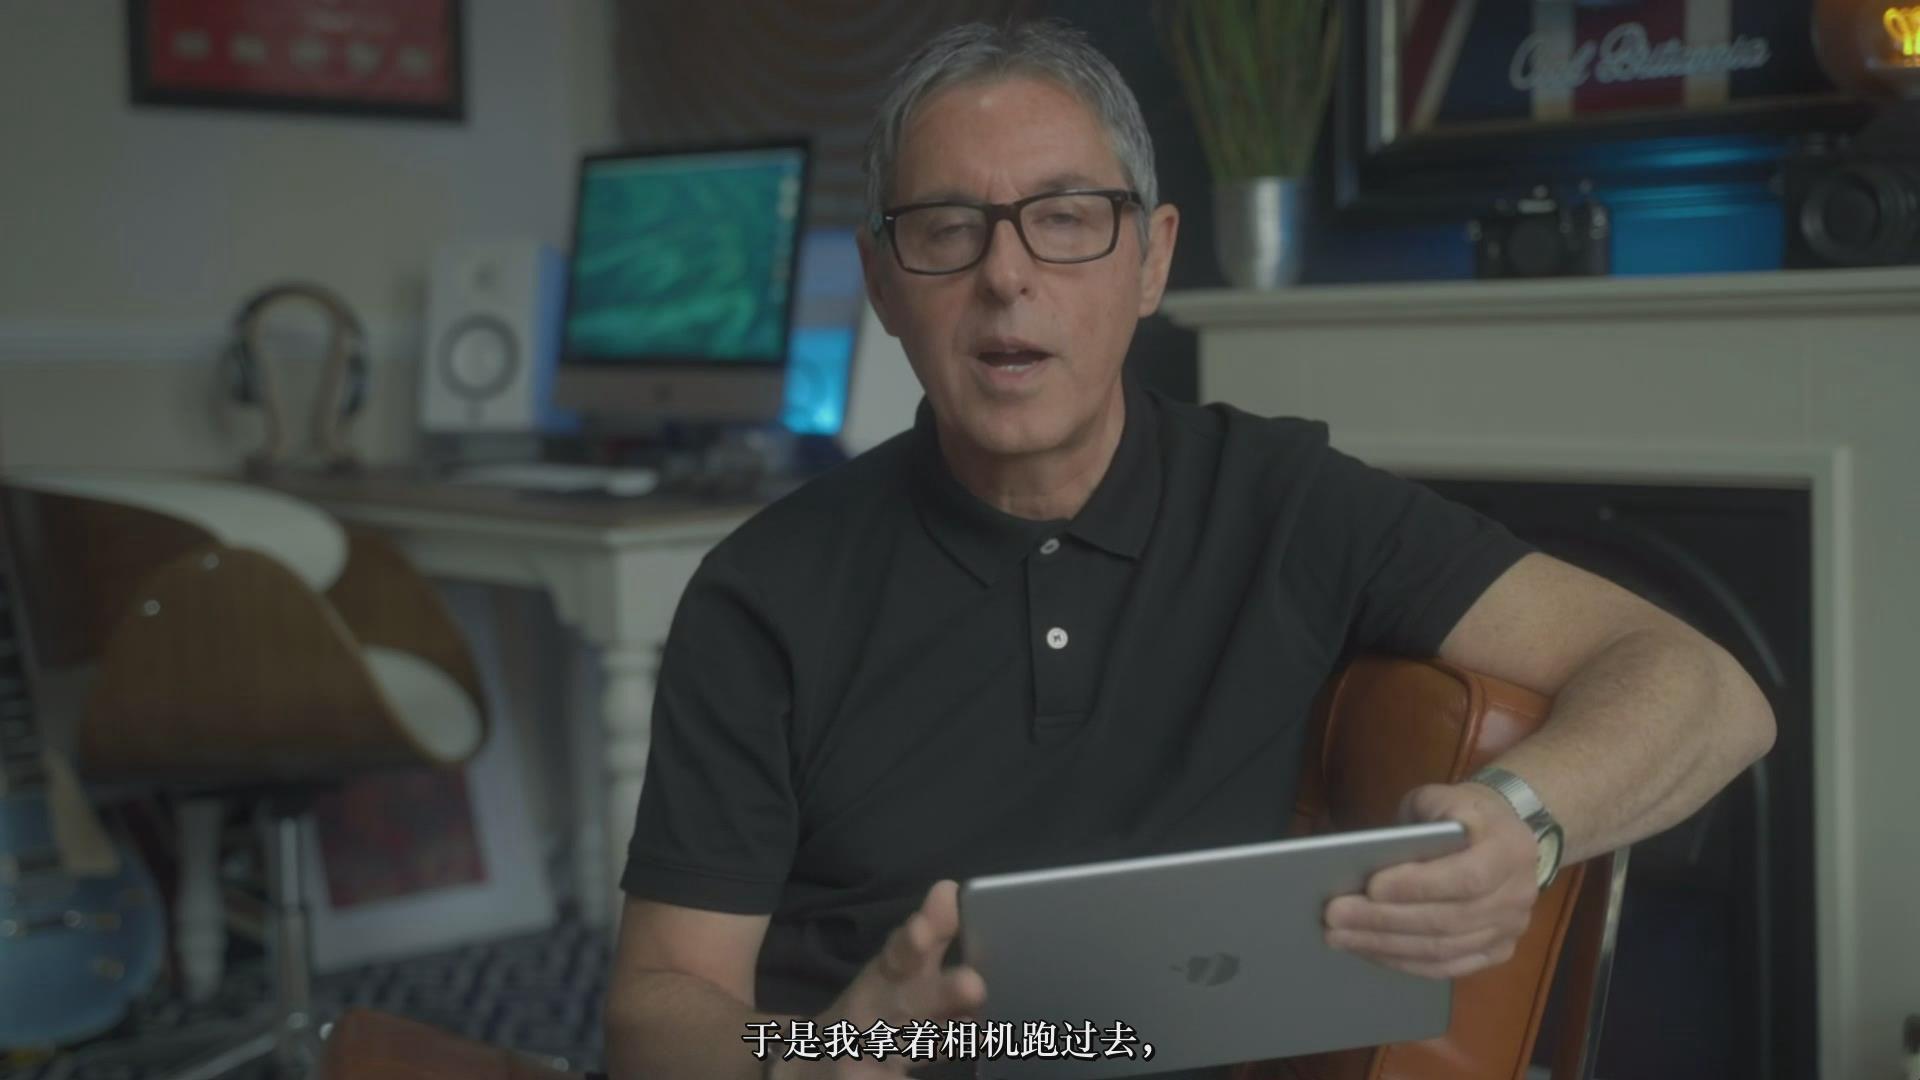 """摄影教程_Frank Minghella-""""完美照片构图""""将您摄影技术提高到一个新水平-中文字幕 摄影教程 _预览图2"""